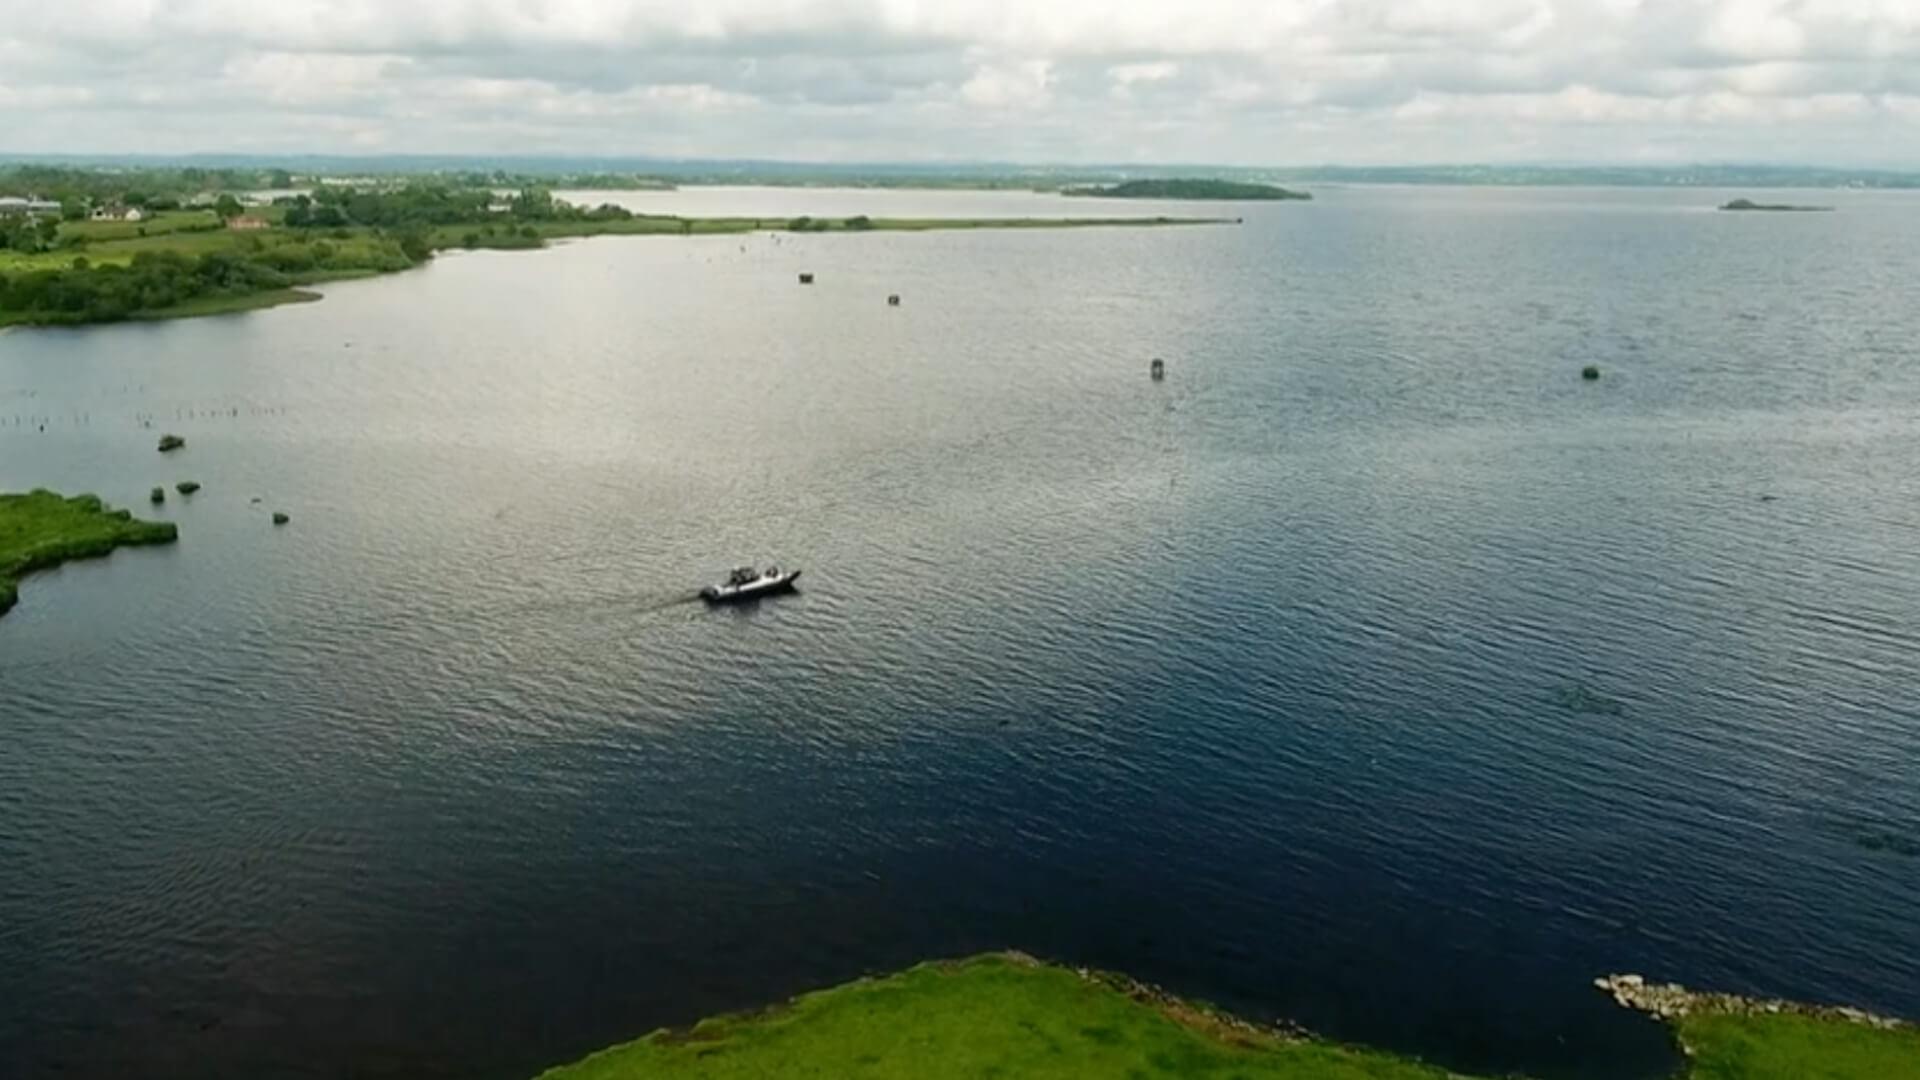 Lough Neagh Tour with Abhainn Cruises